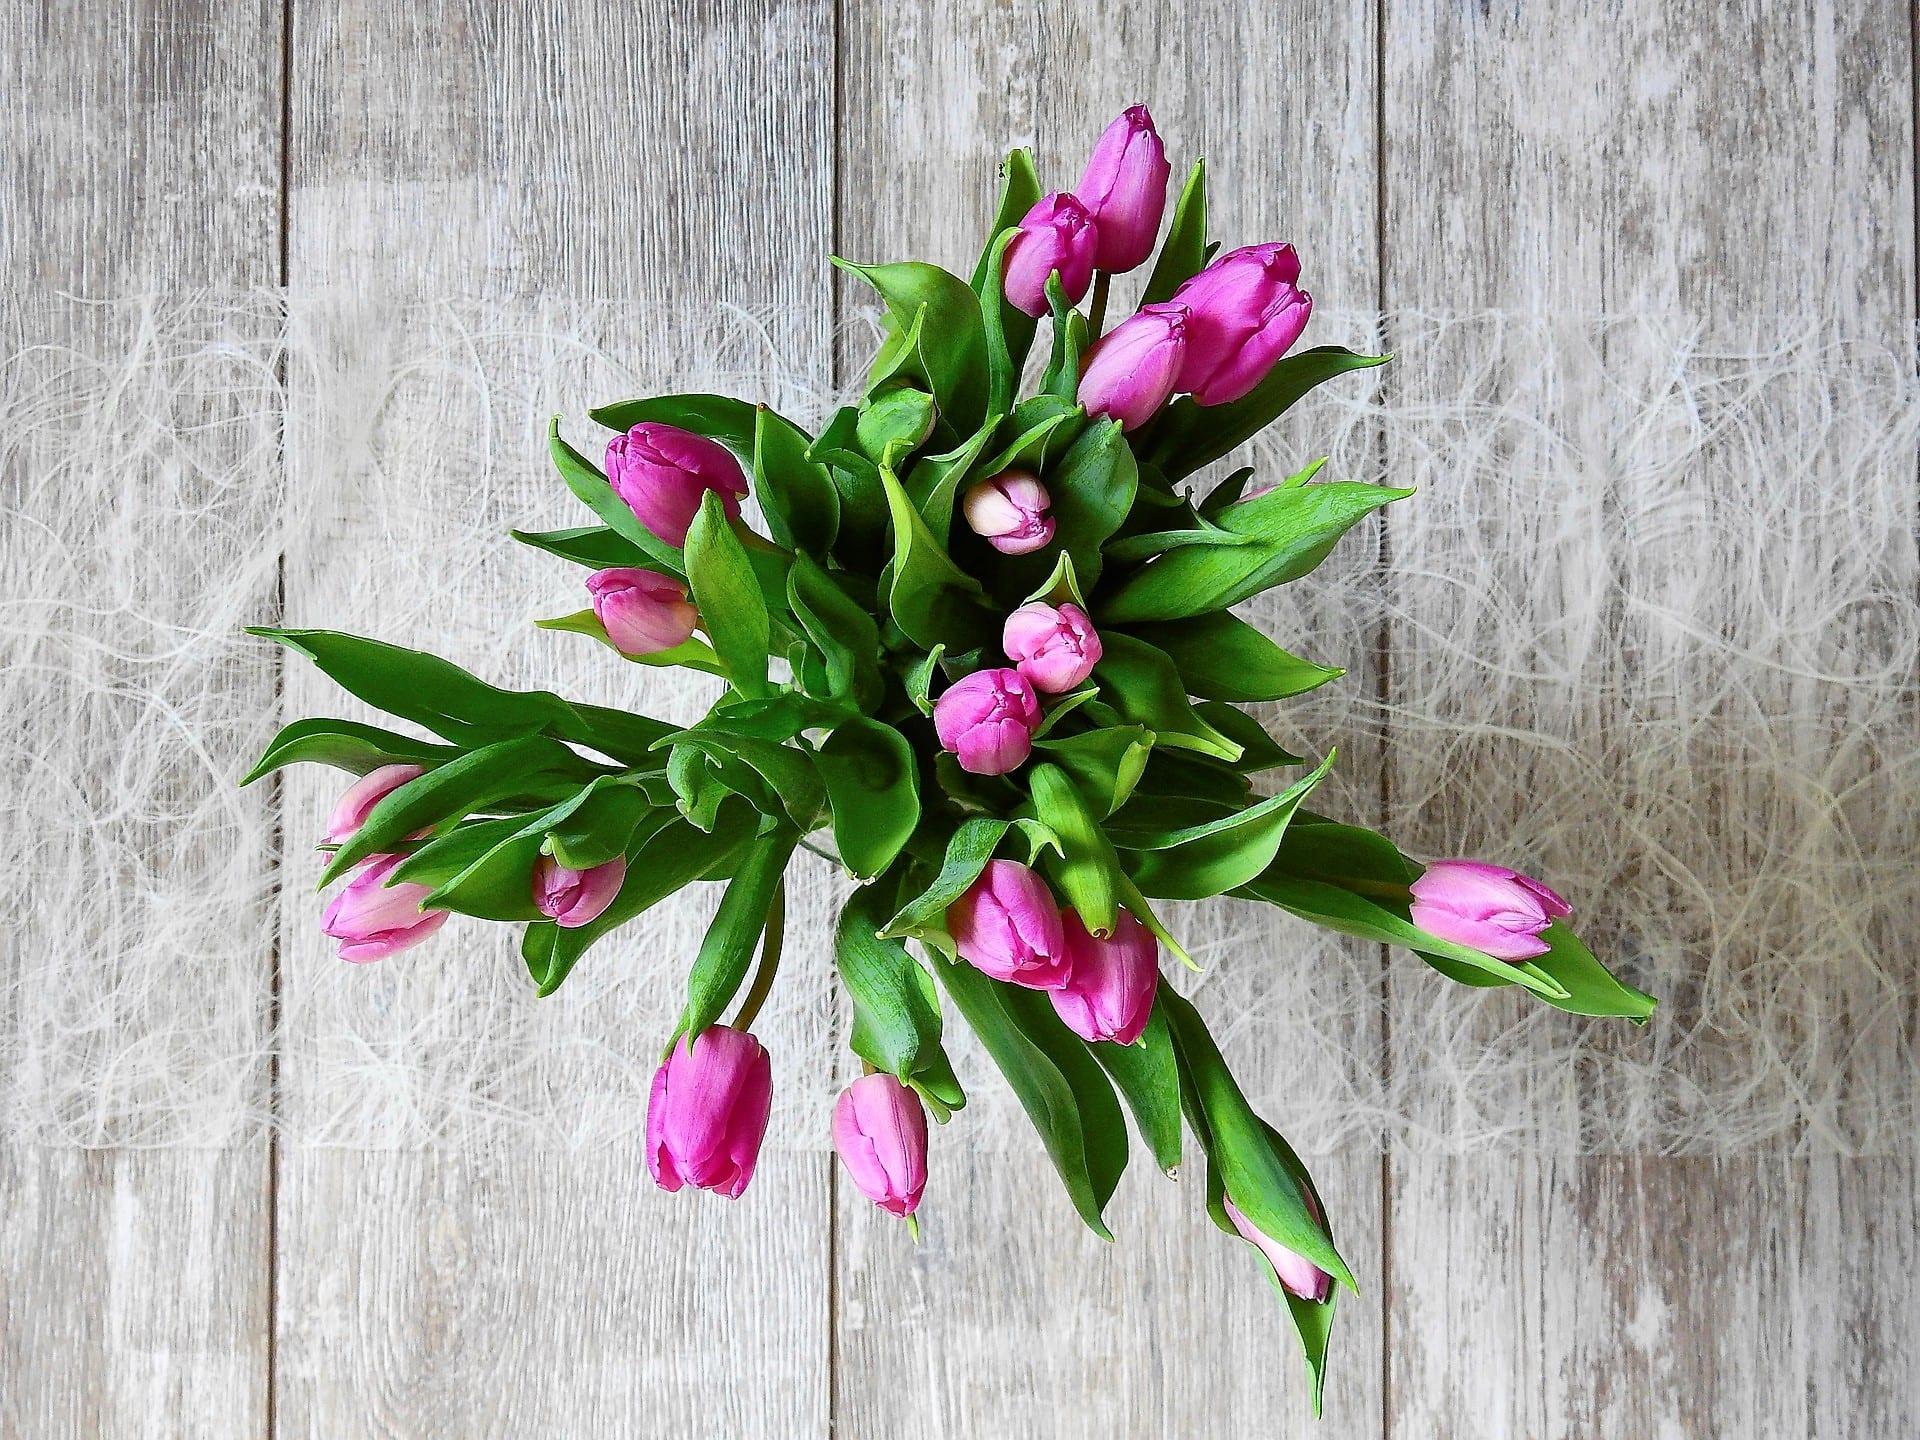 Tulpen, lila, Holz, Titel